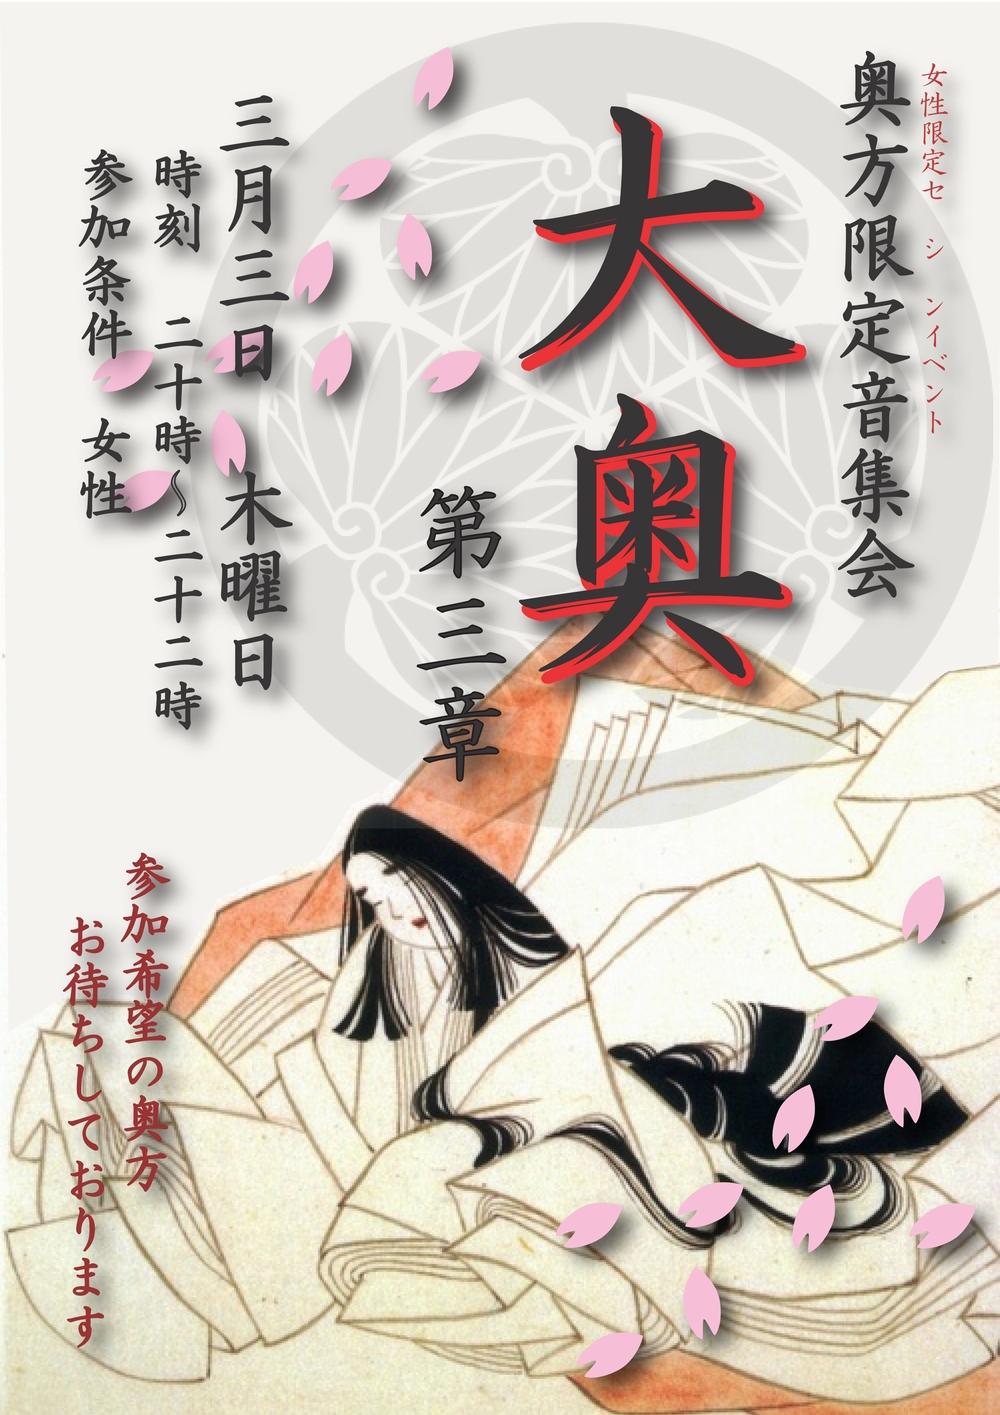 【女性限定セッション天国・大奥】音楽天国・静岡草薙店3月3日(木)開催